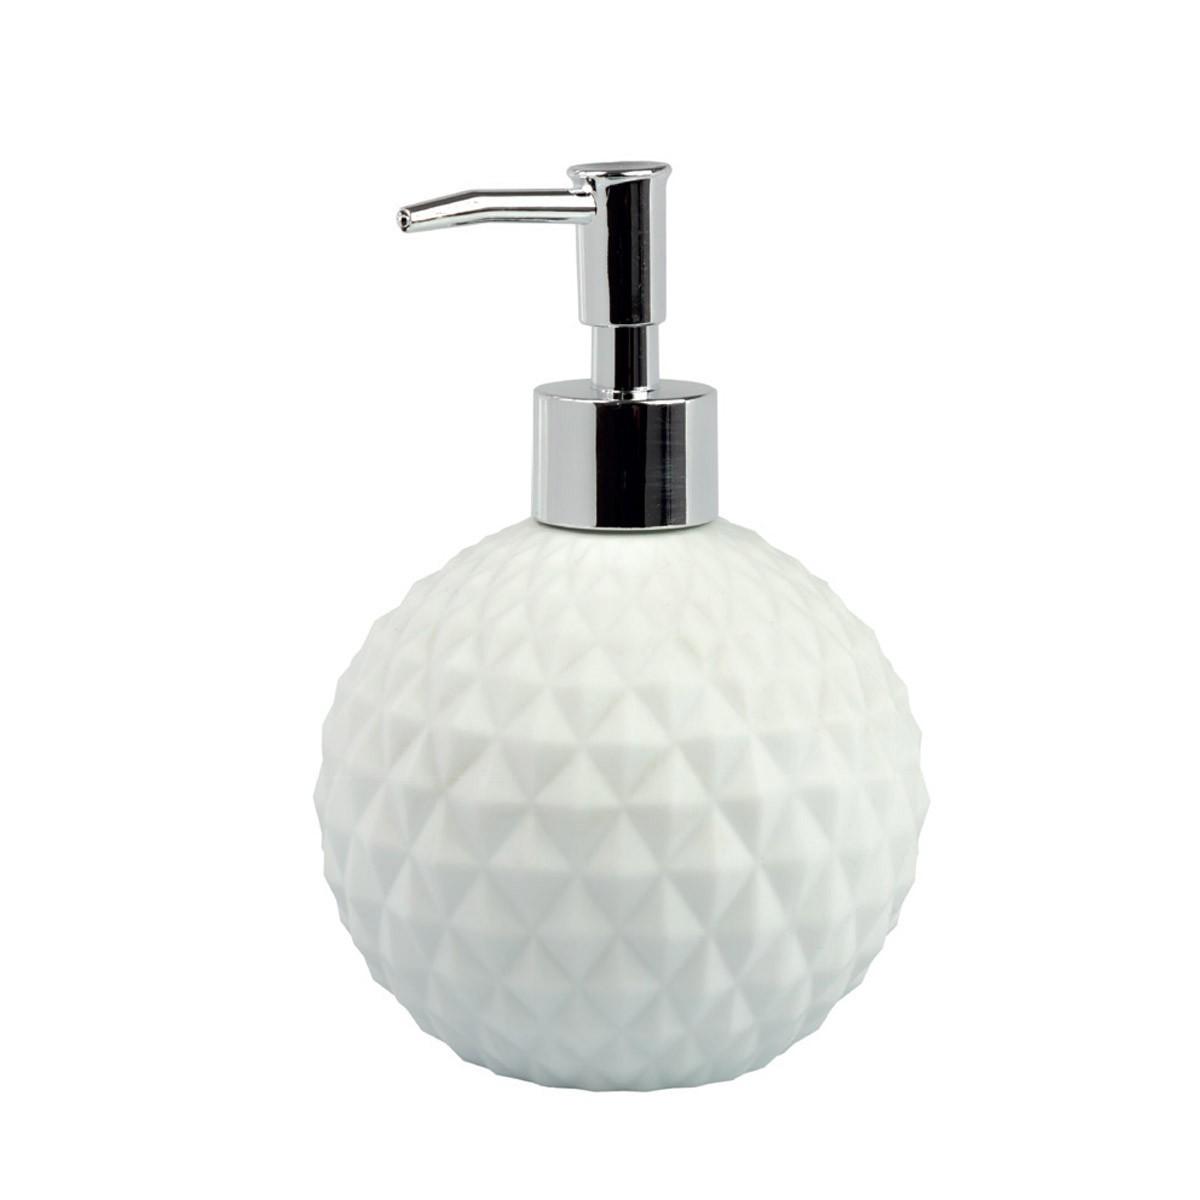 Δοχείο Κρεμοσάπουνου Spirella Alison 02962 home   μπάνιο   αξεσουάρ μπάνιου